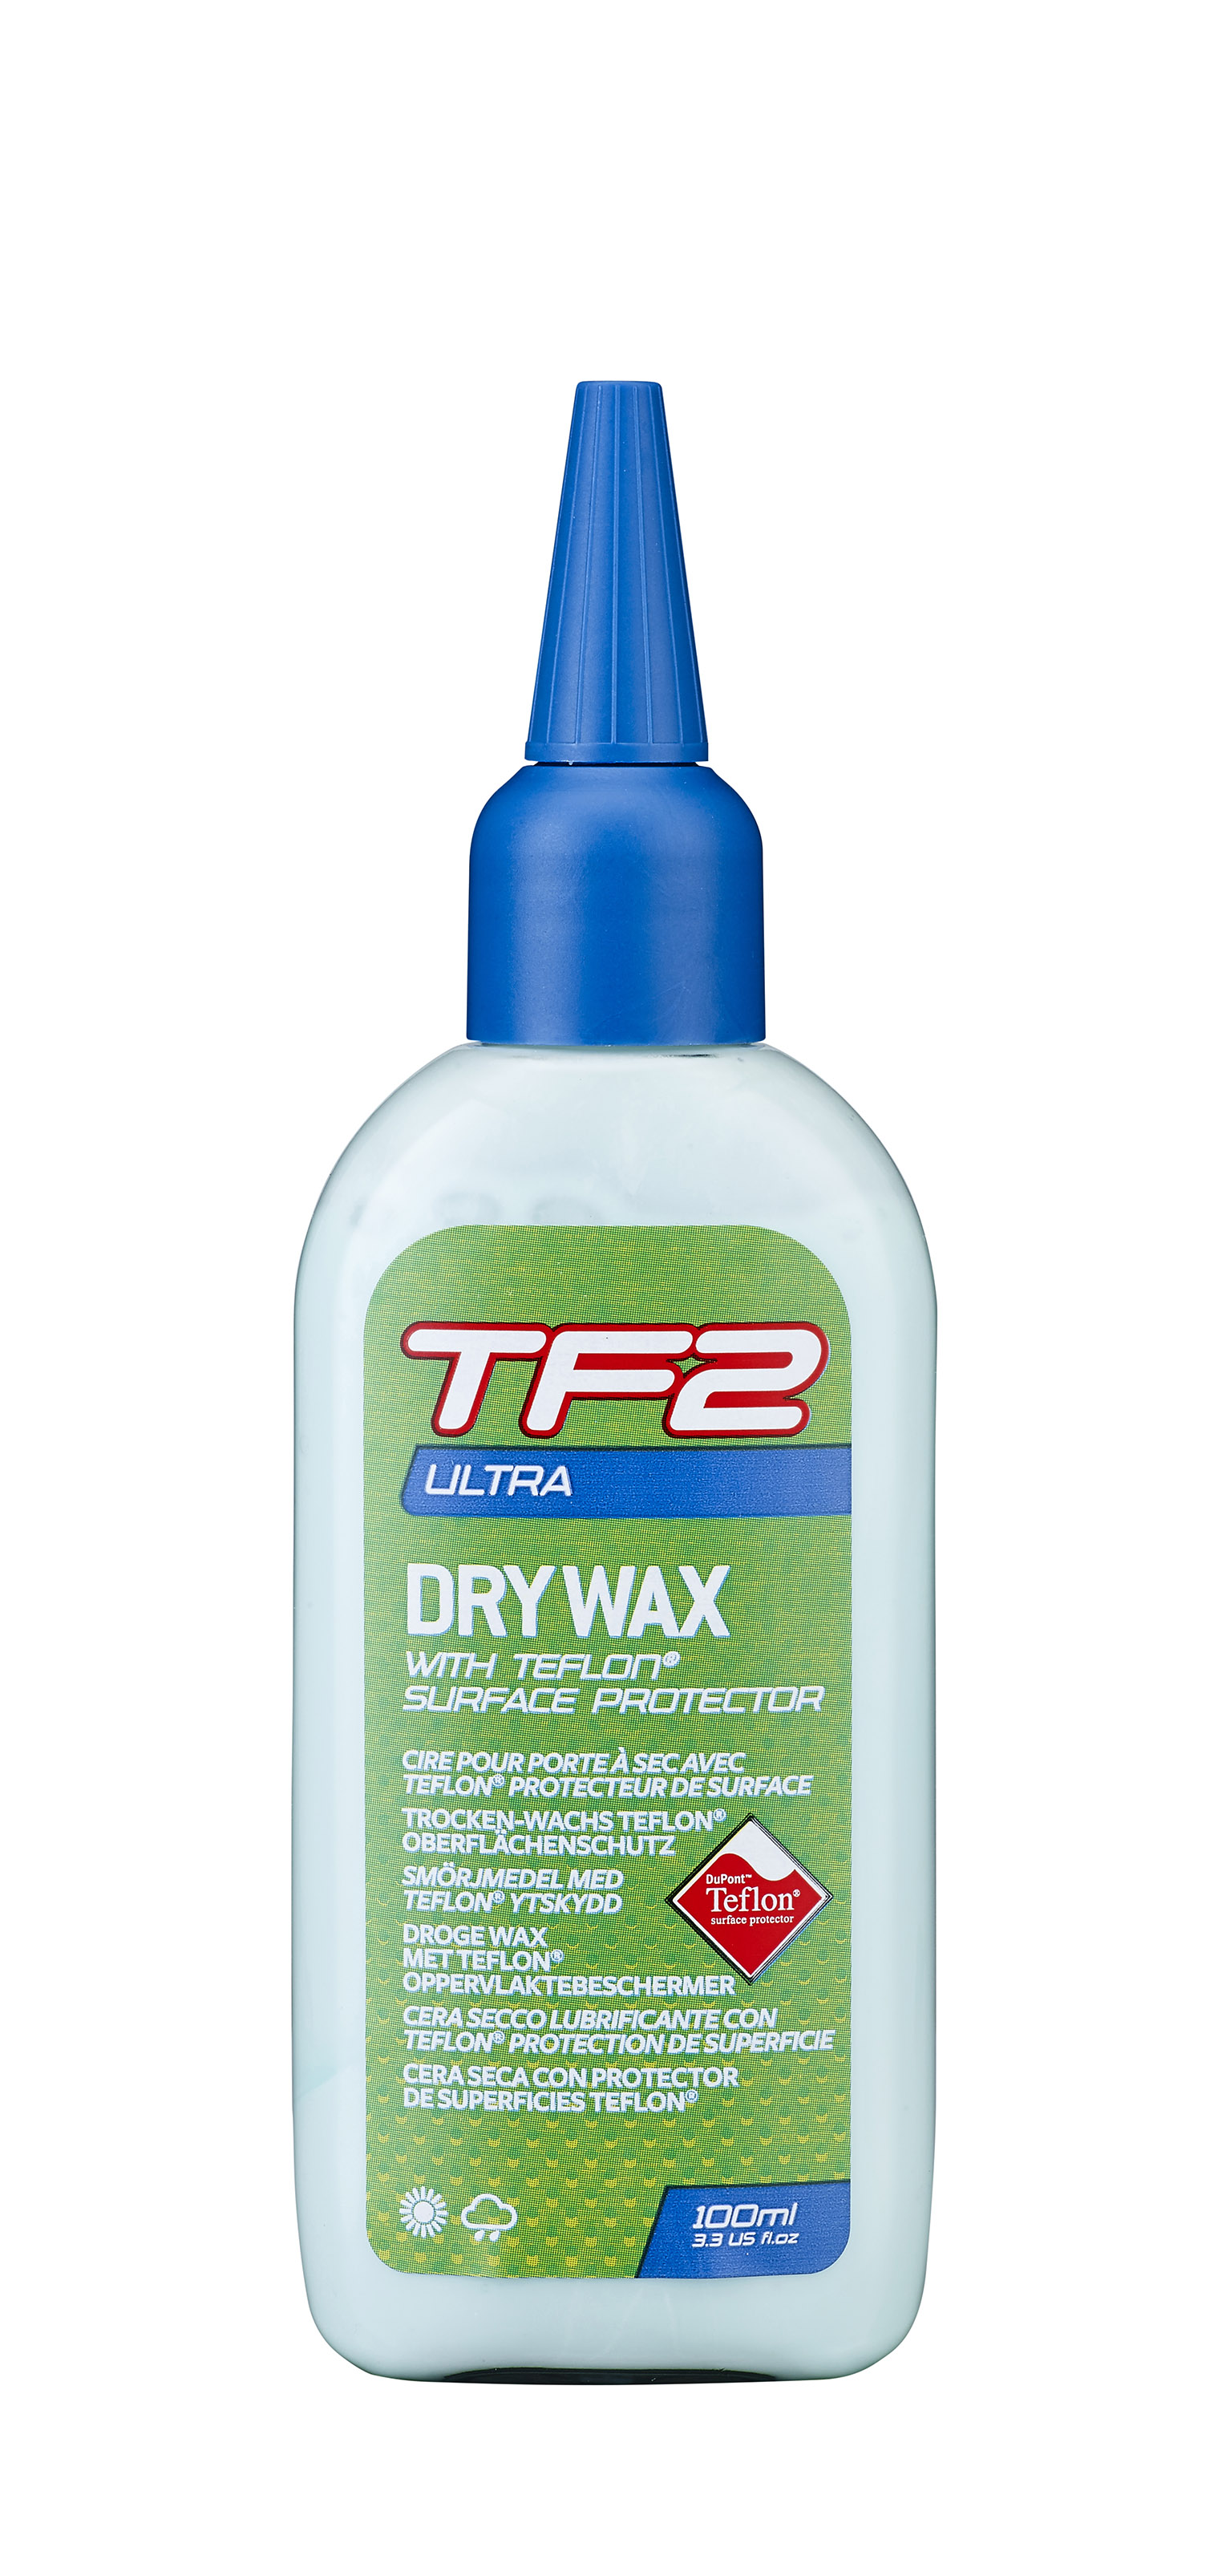 Ulje za lanac DRY WAX TF2 ULTRA 100ml Weldtite 03056